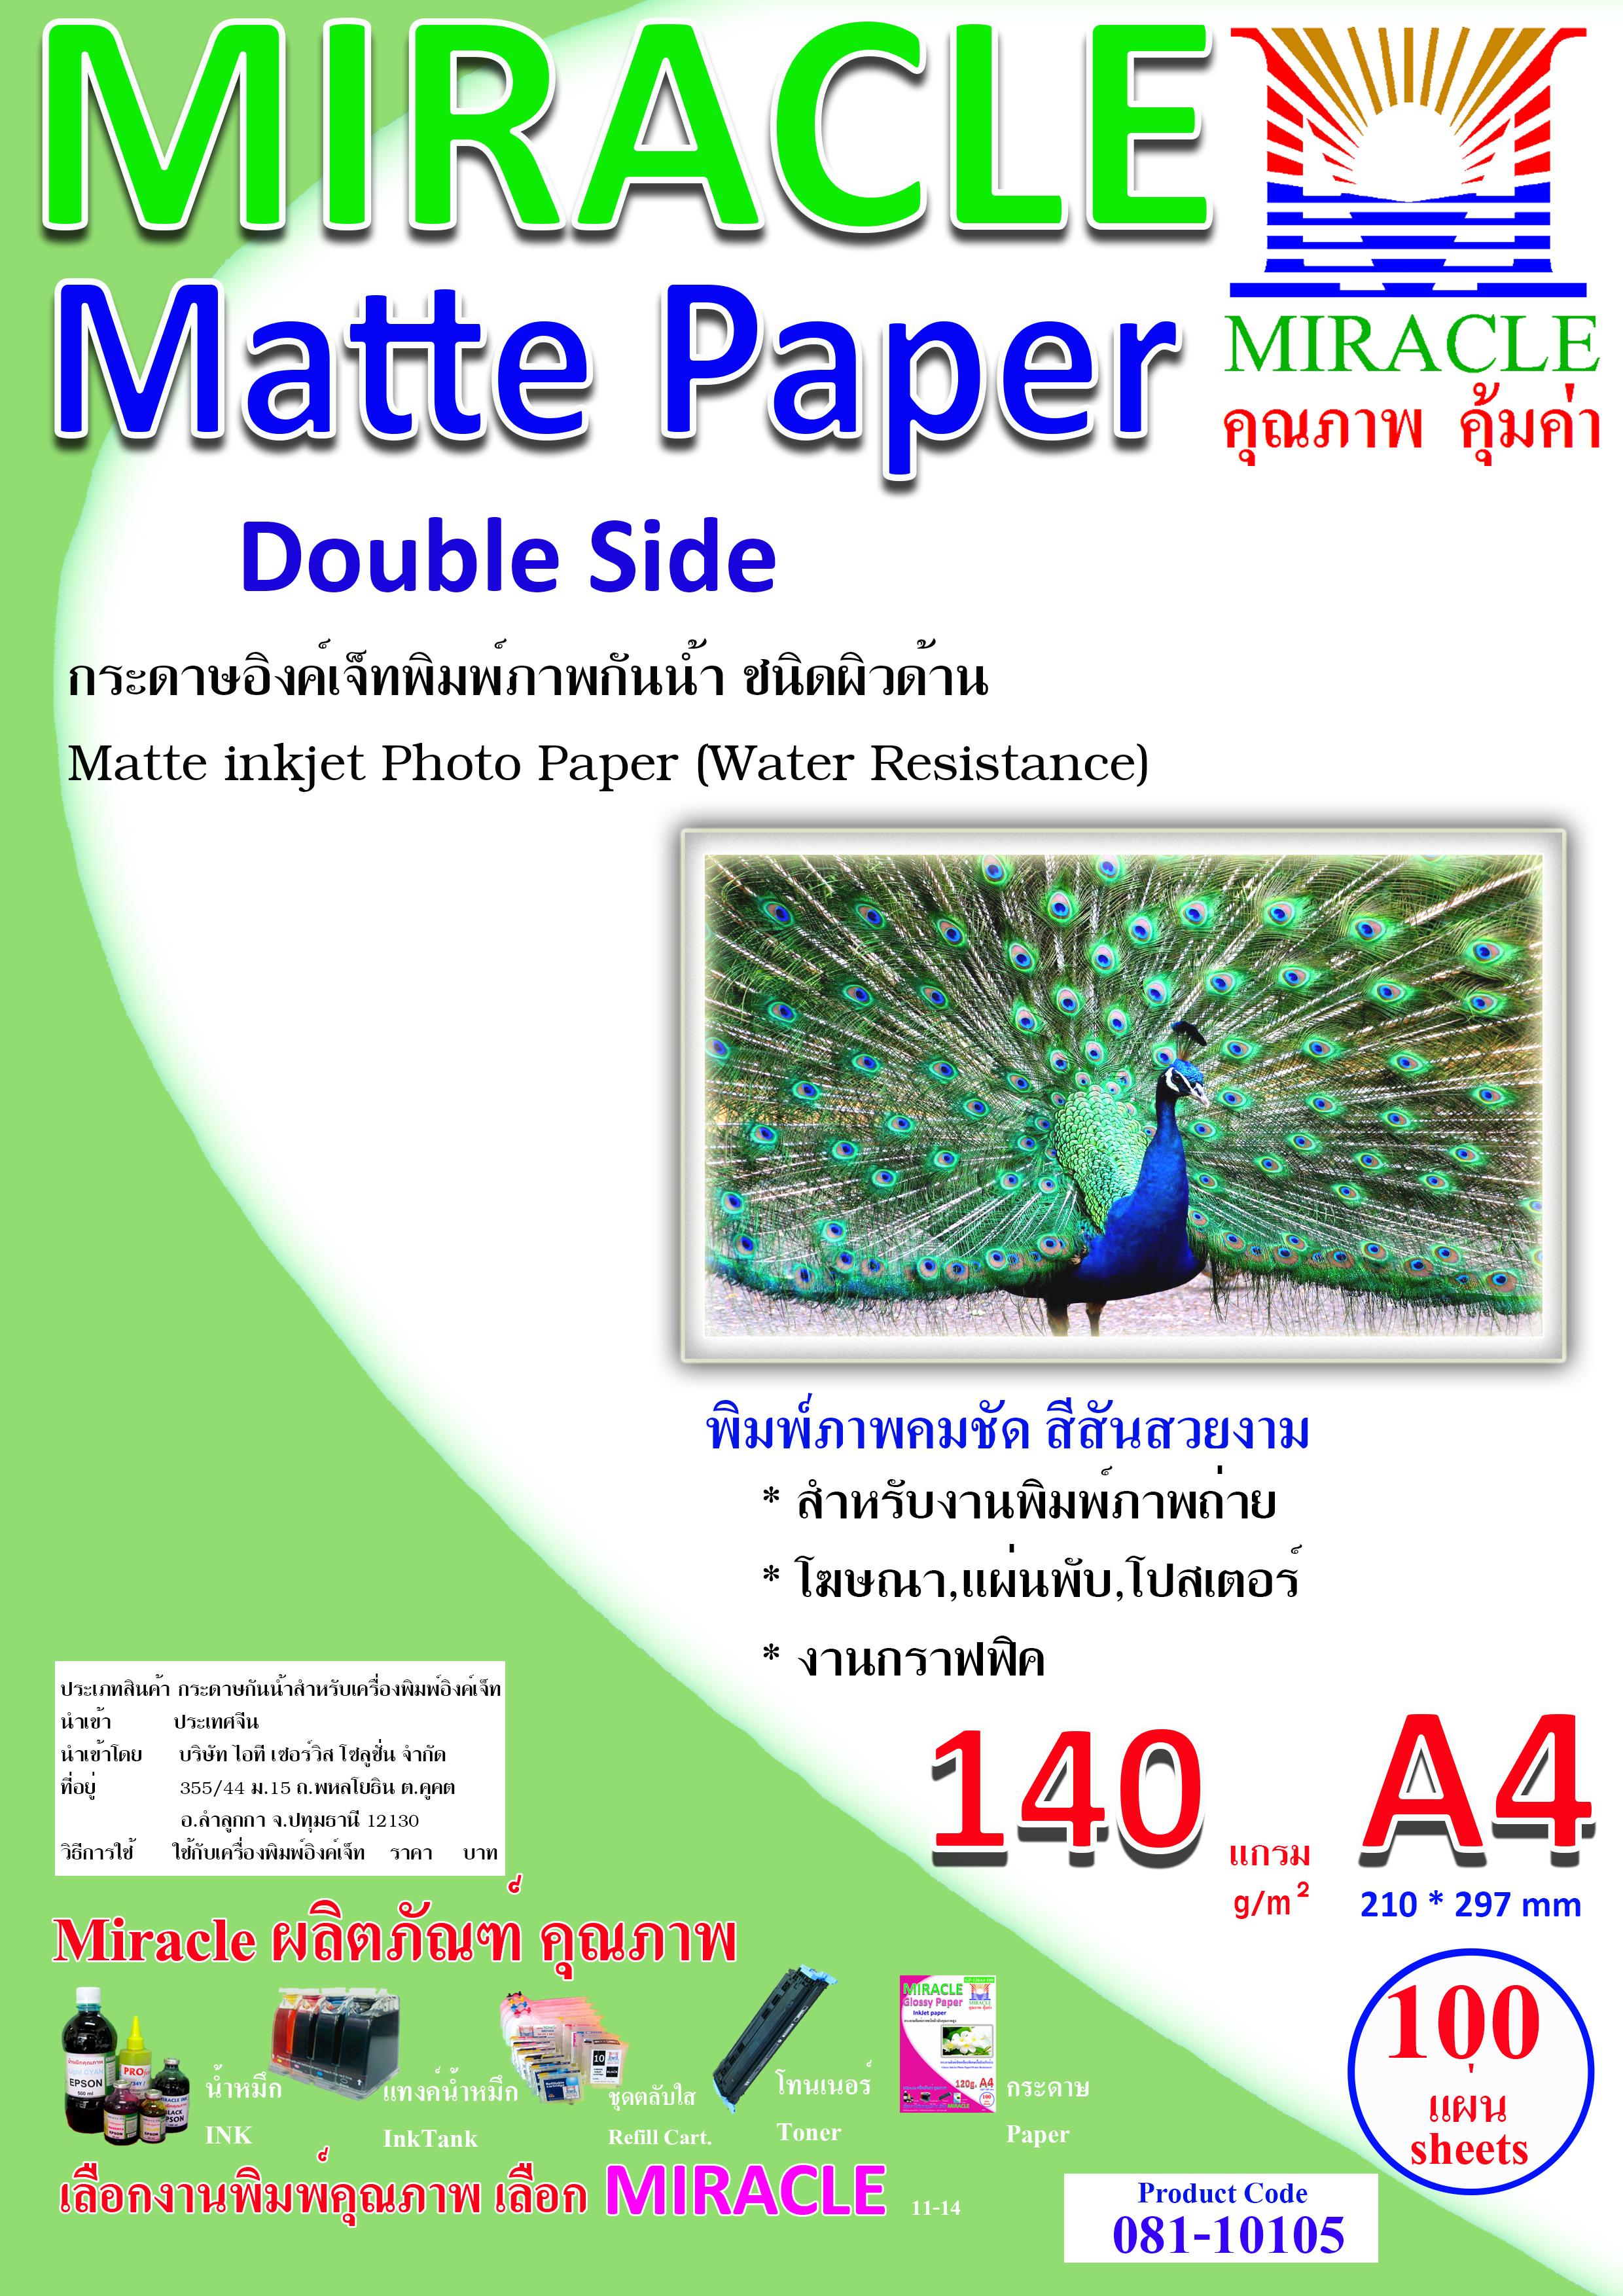 กระดาษอิ้งค์เจ็ทเนื้อด้าน 2 ด้าน หนา 140 แกรม (กันน้ำ) ขนาด A4